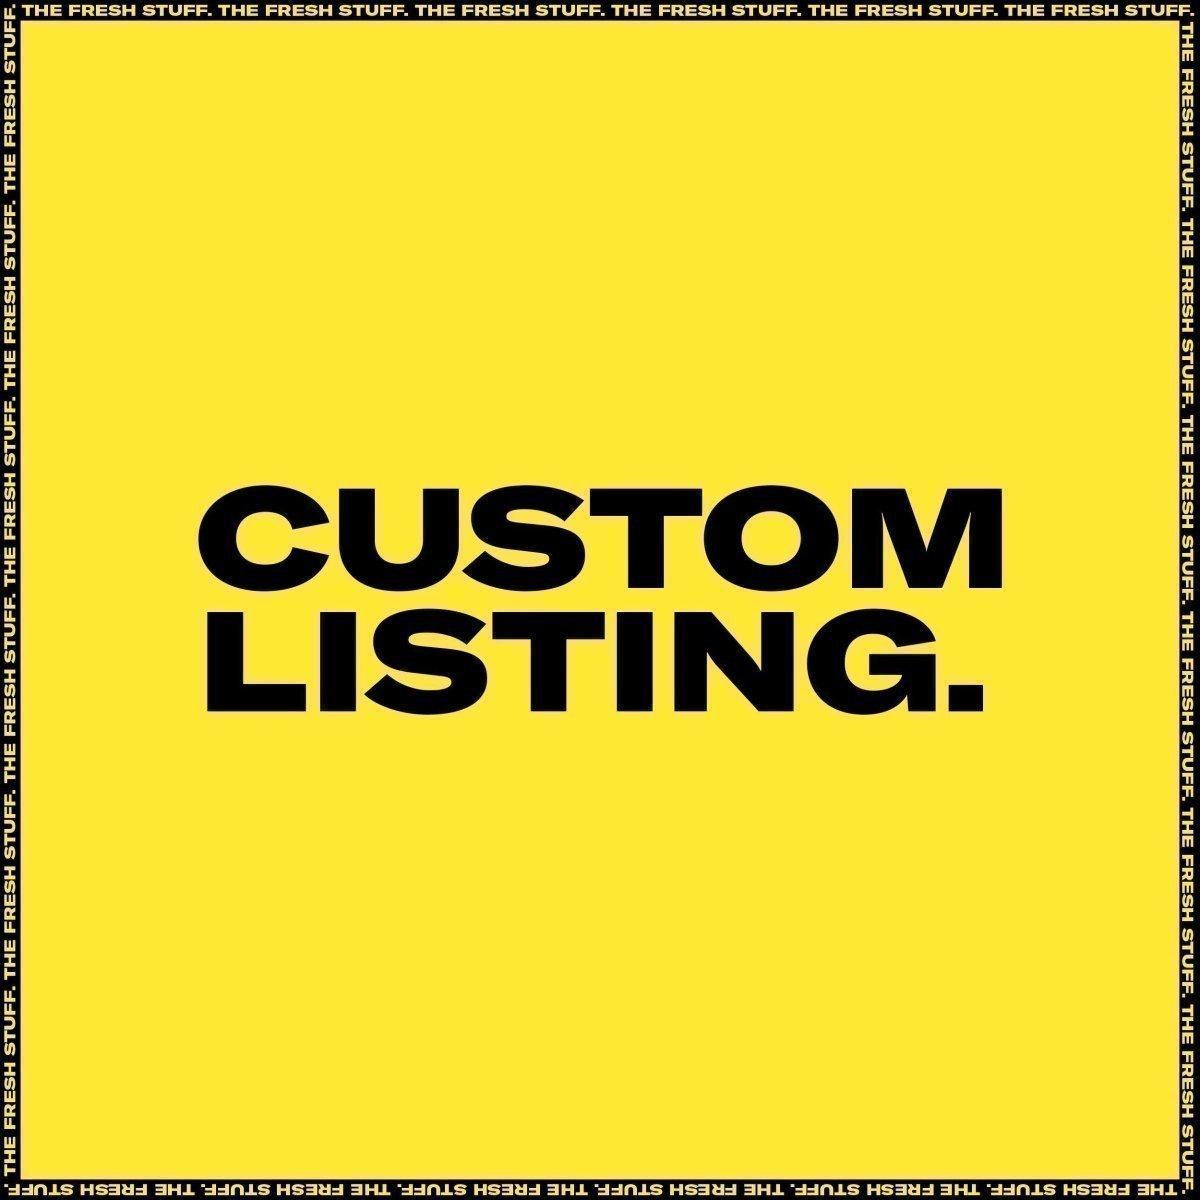 CUSTOM LISTING: For @linn.obck - Pu$$y Fairy Custom [A3]